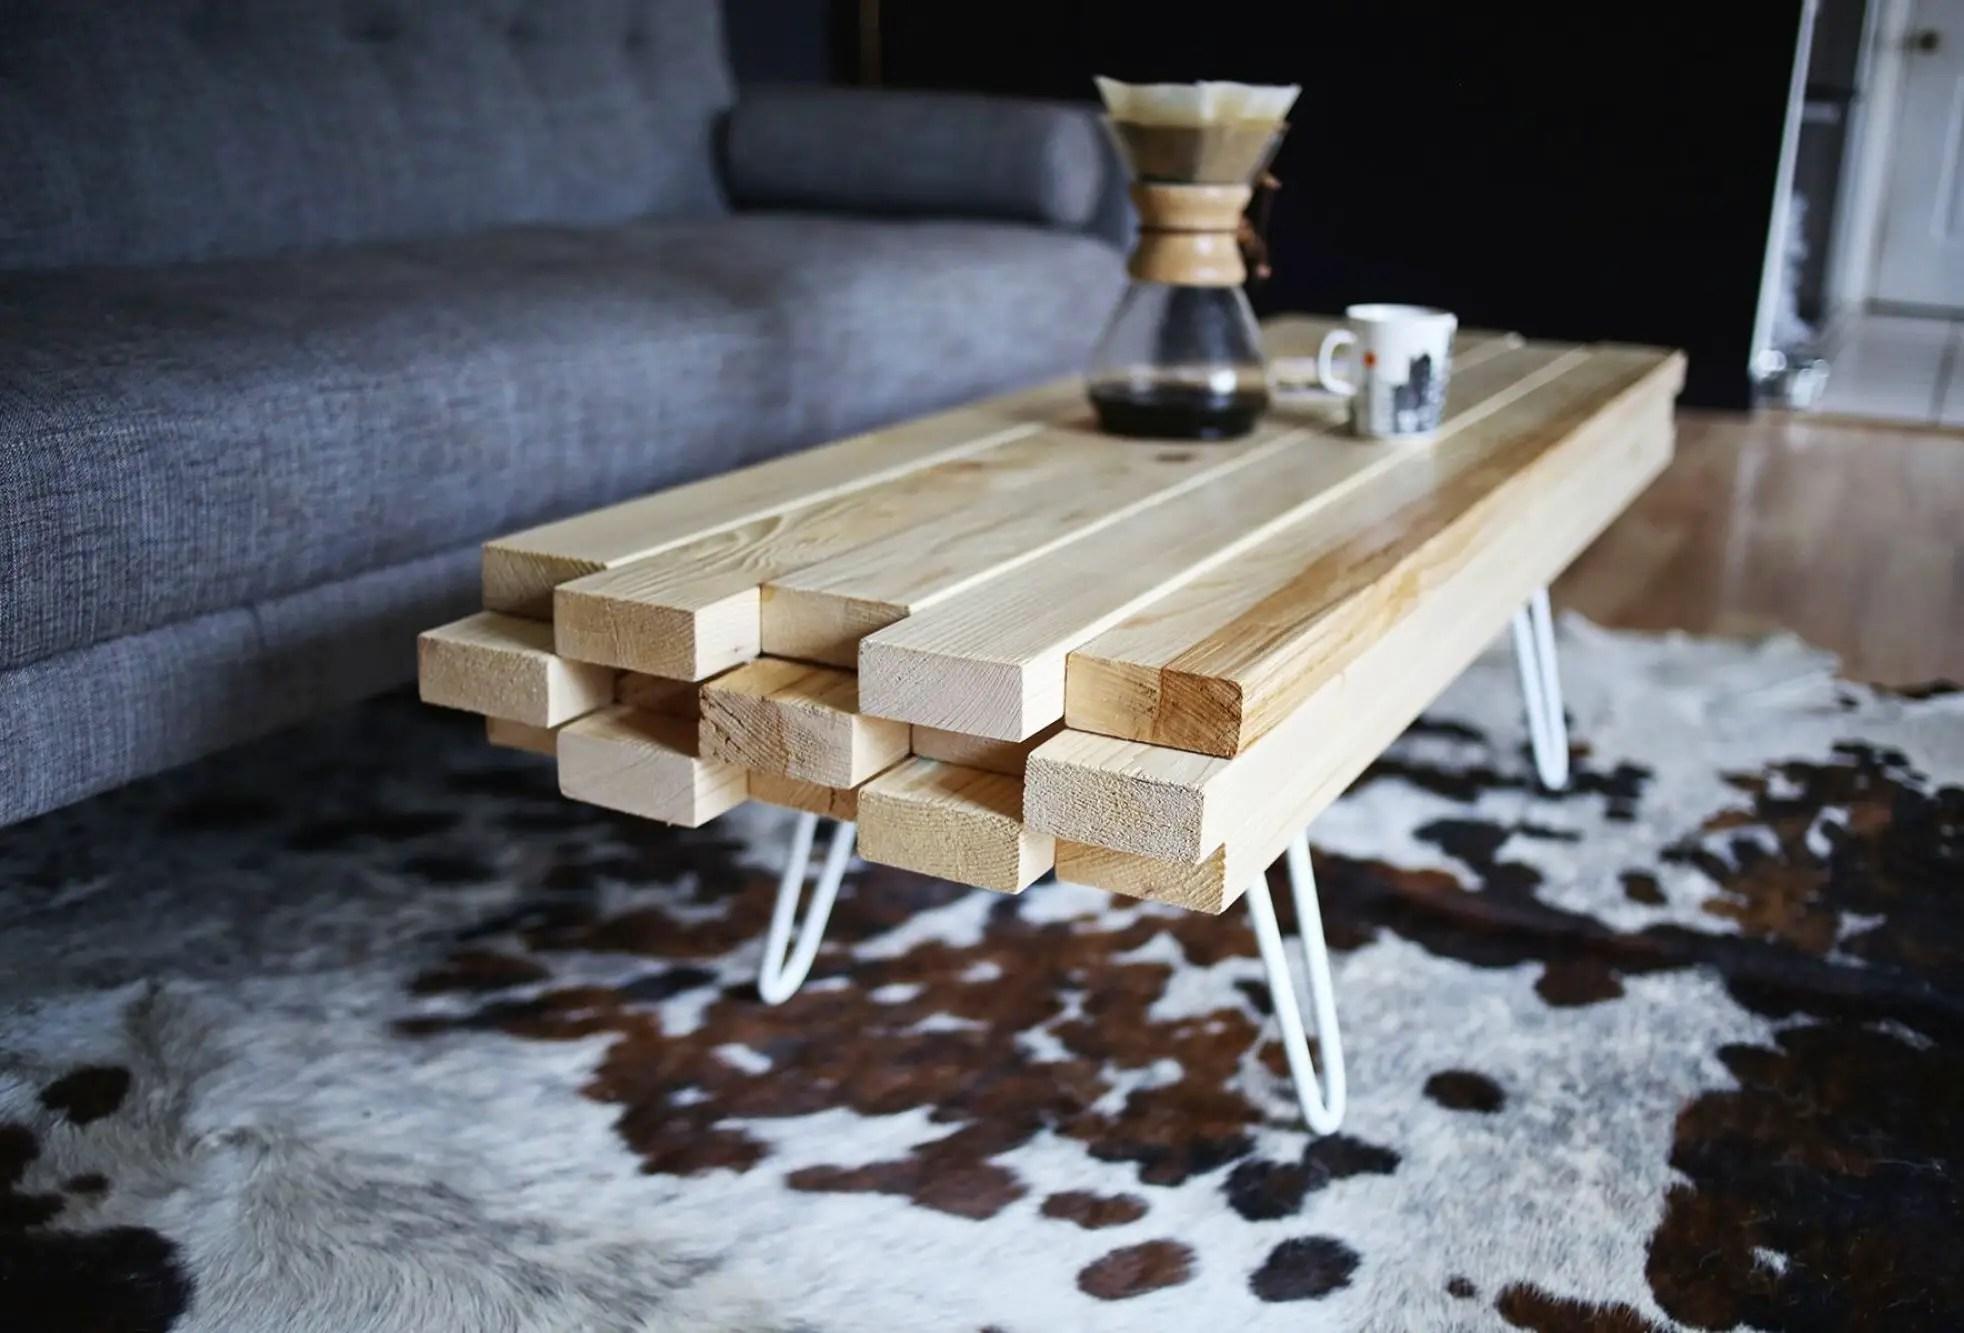 самодельные столы из дерева фото пиве понимаю, ругайте